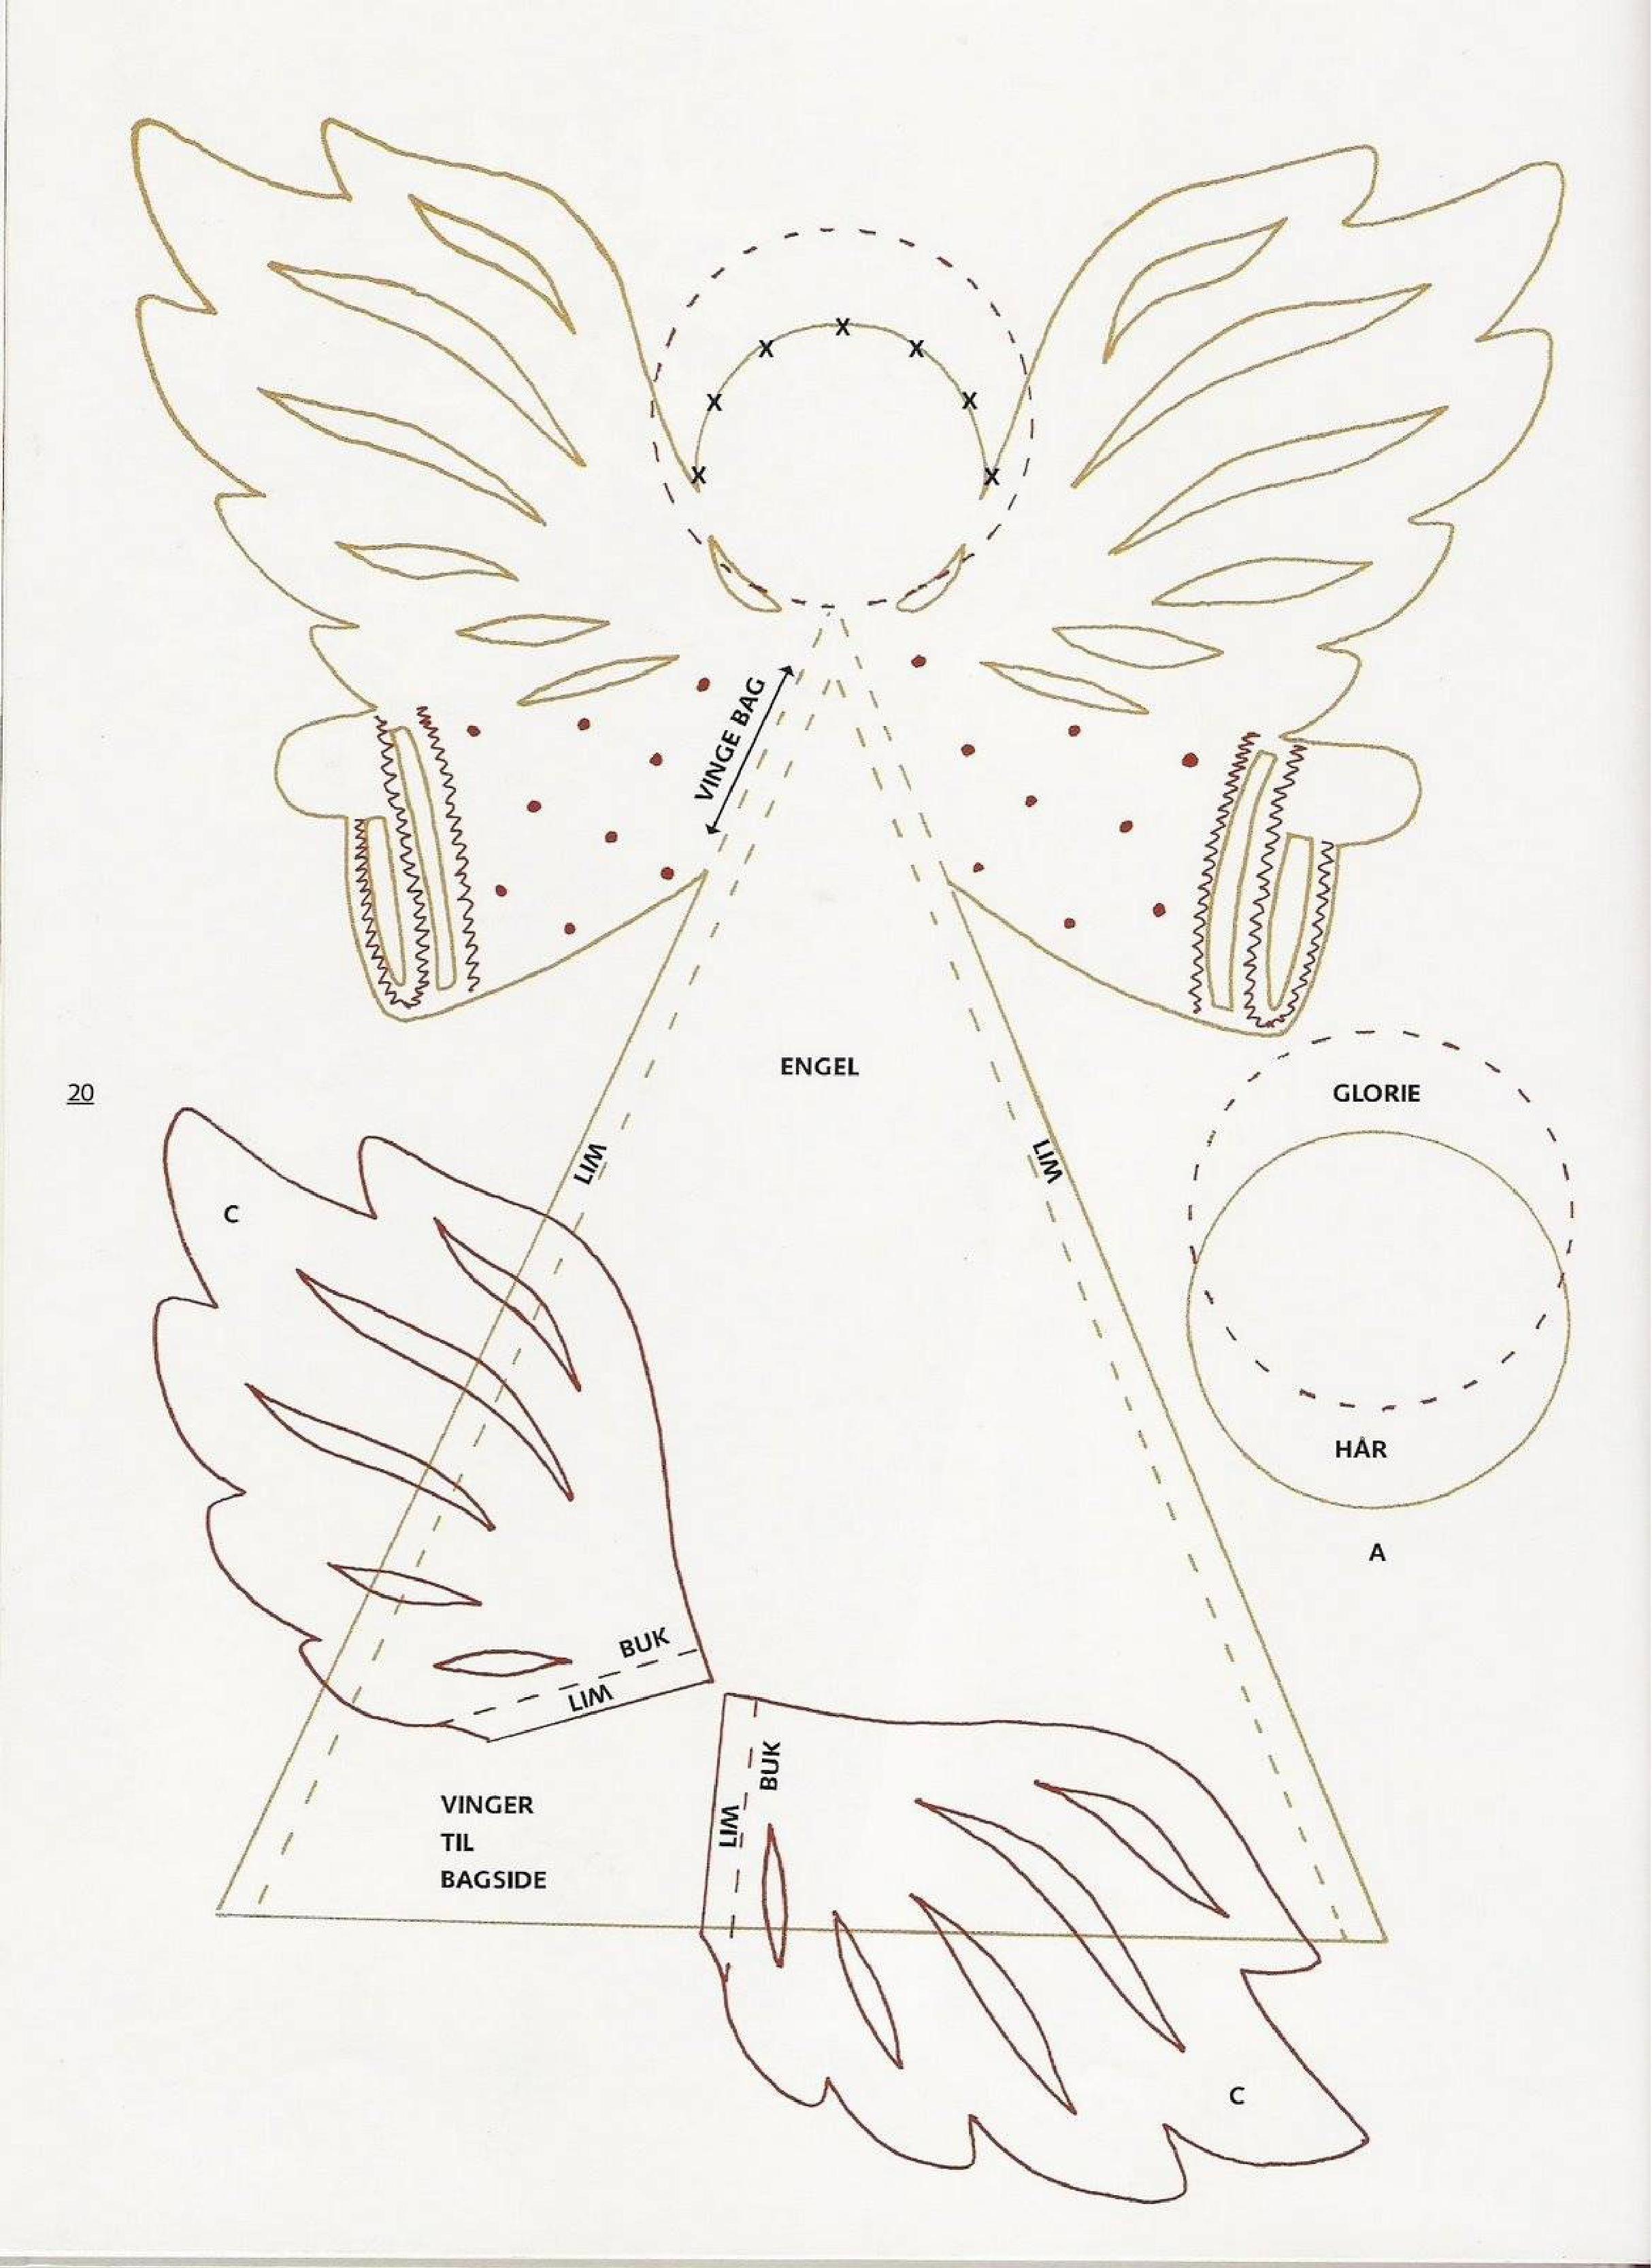 ангелочек картинка для поделки данные наличии бассейне